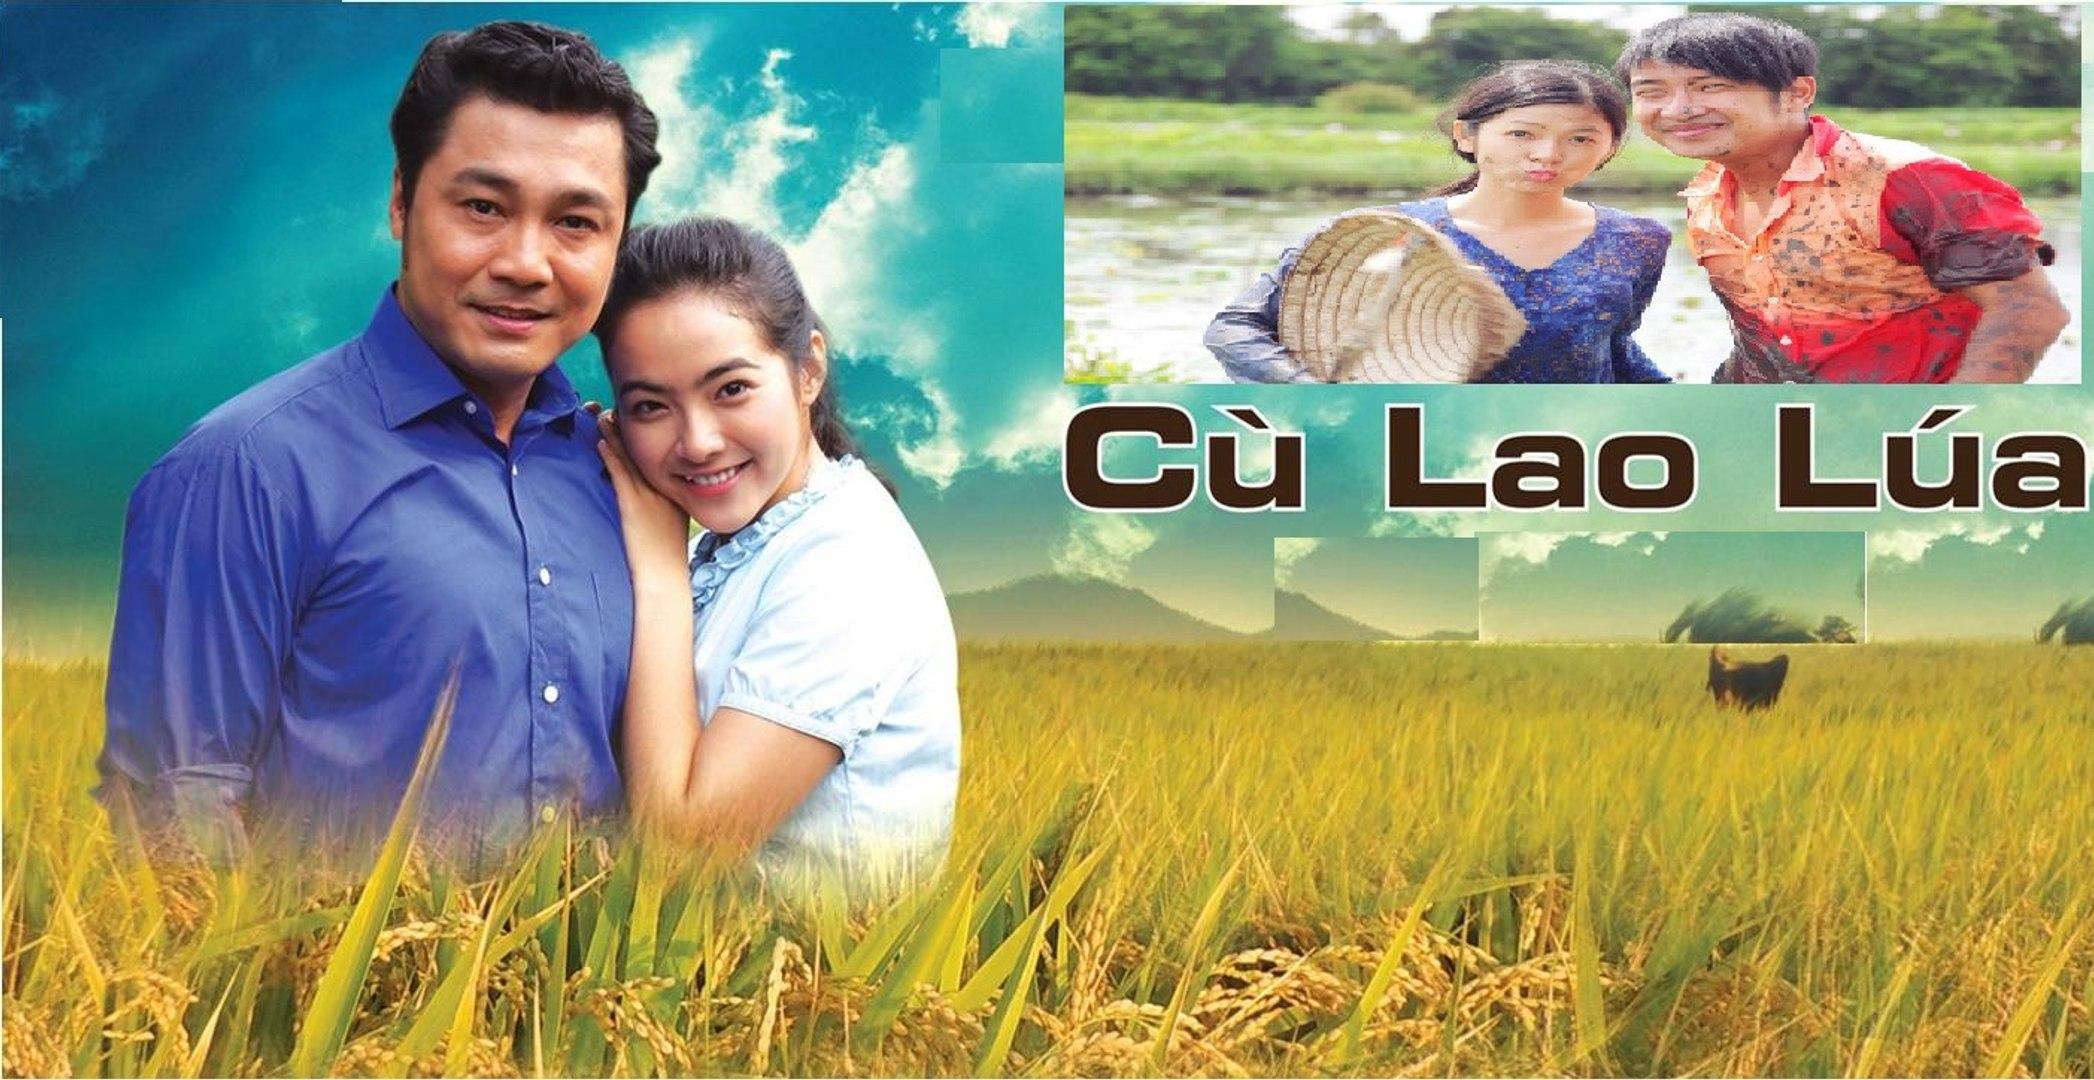 Phim Cù Lao Lúa Tập 10 - Phim Việt Nam - Phim Mới